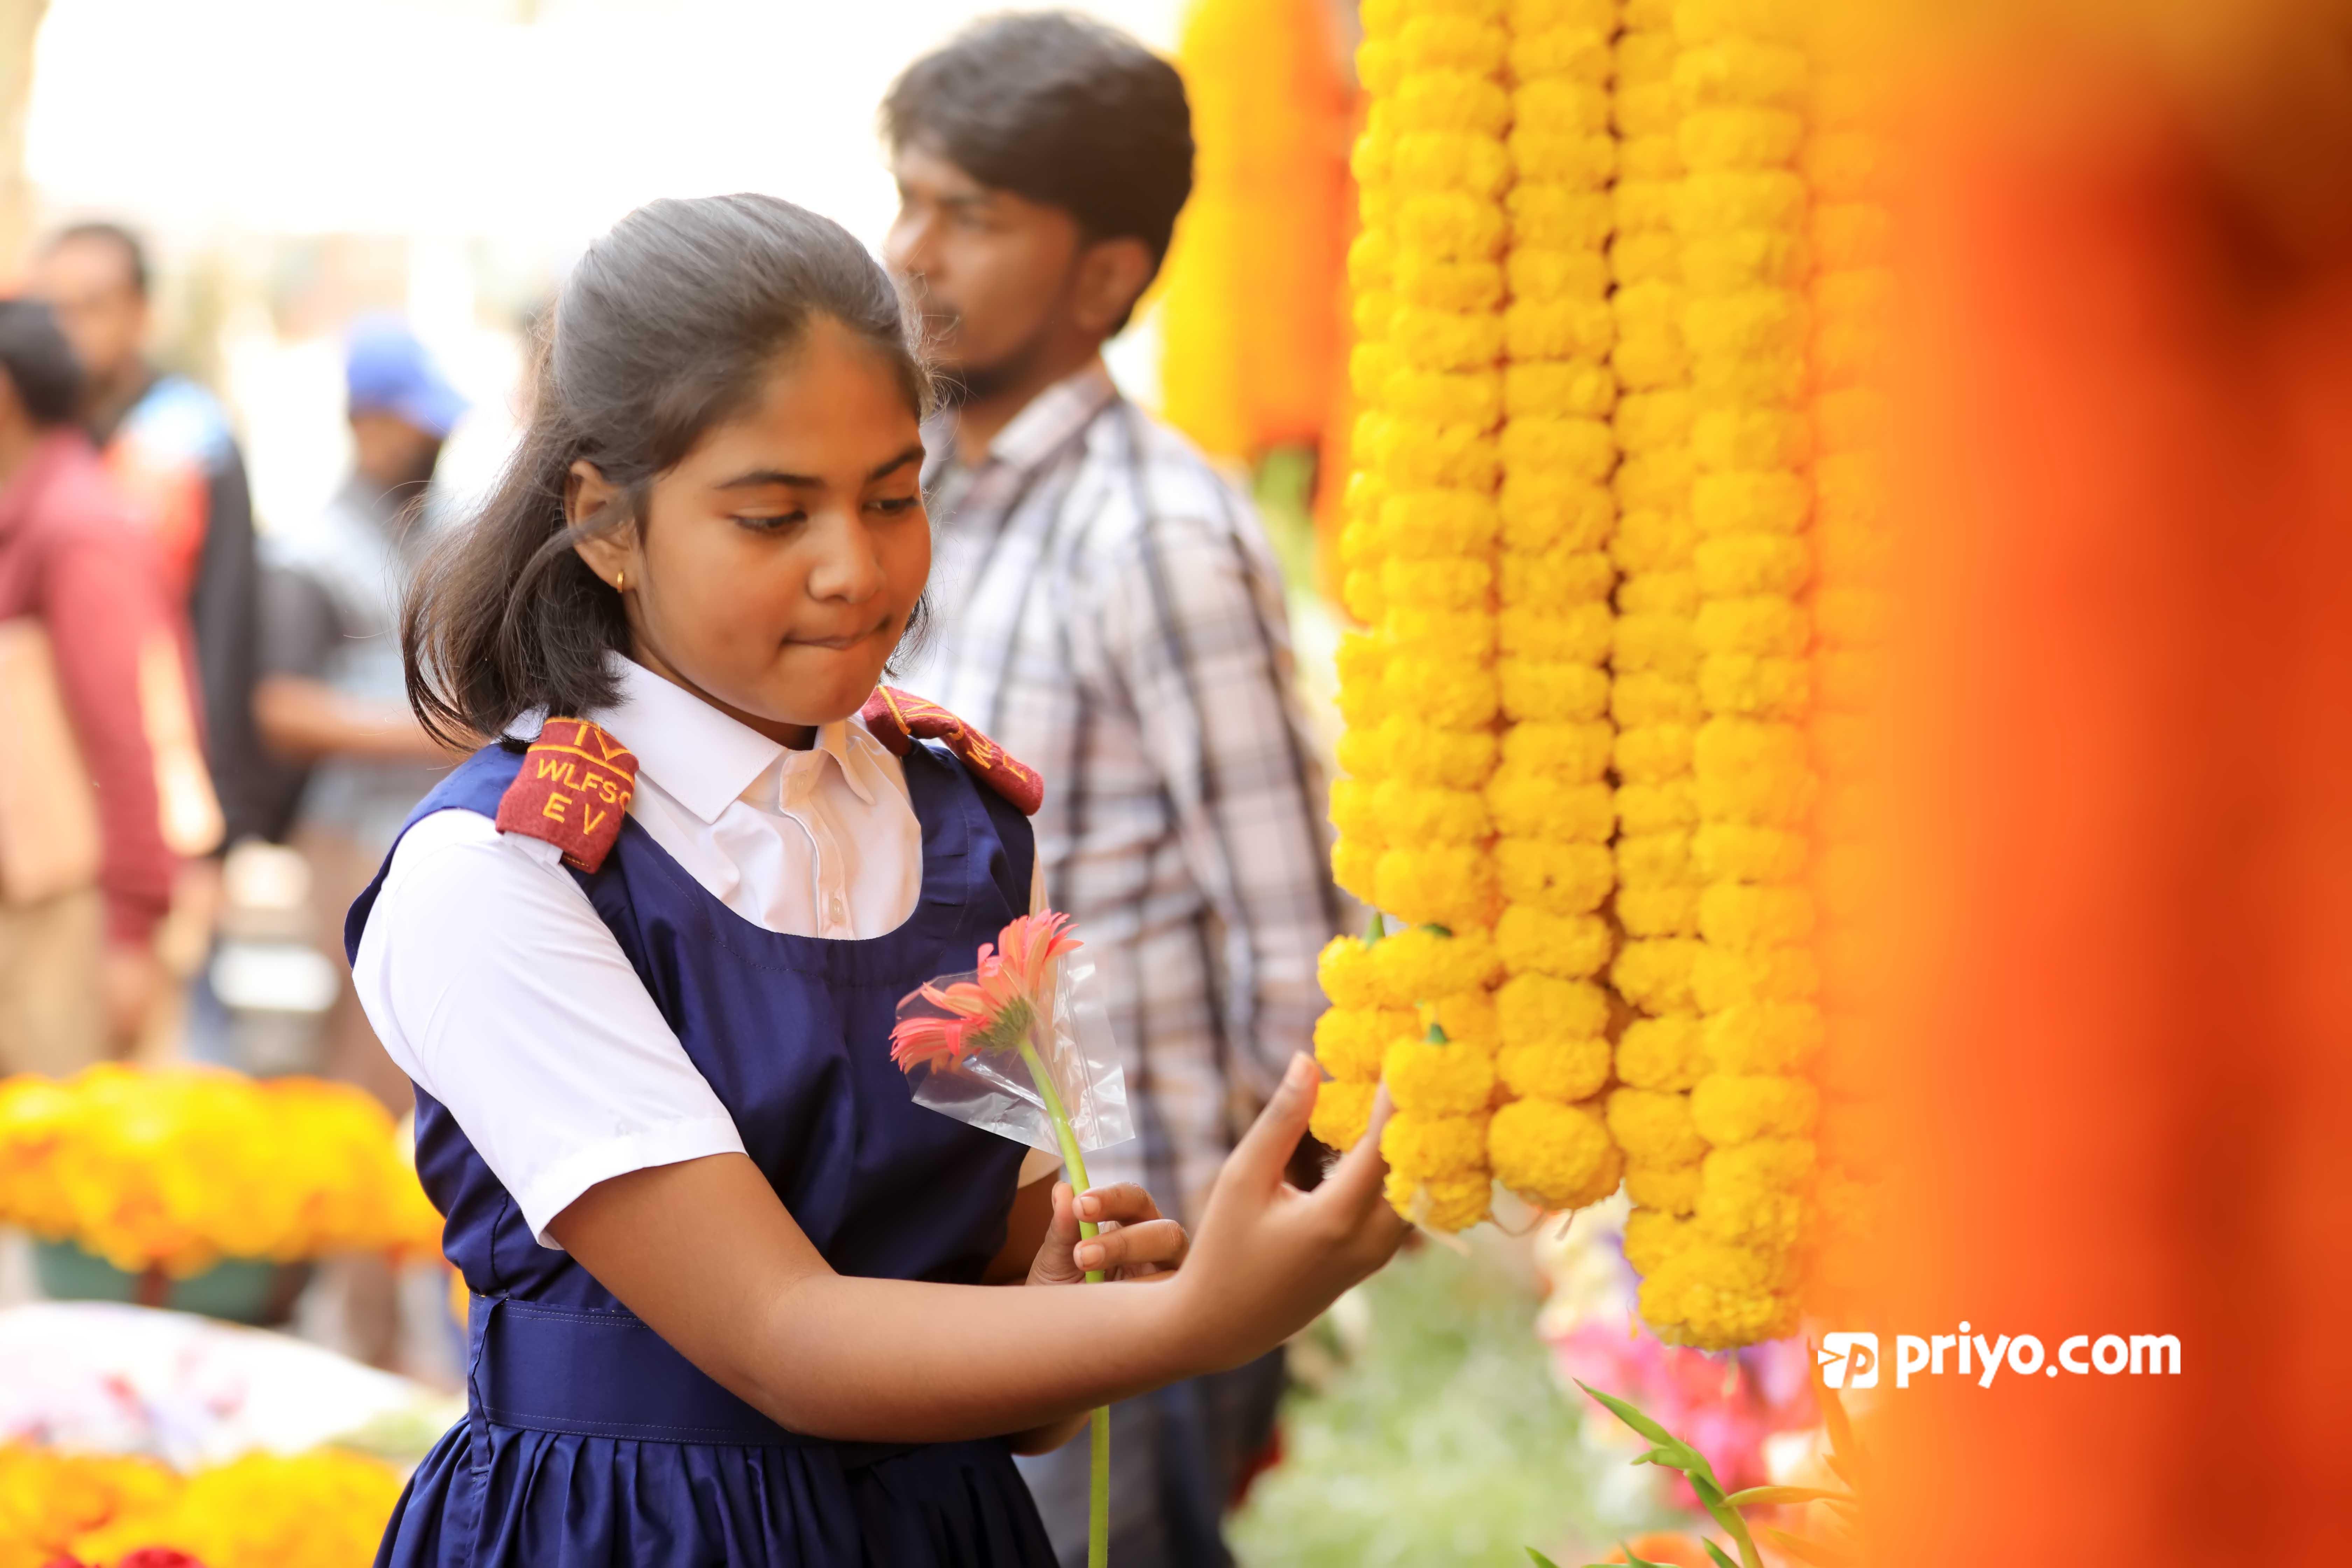 ঢাকার শাহবাগে ফুলের বাজারে সোমবার ফুল কিনছে এক স্কুলছাএী ।  ছবি : শামছুল হক রিপন